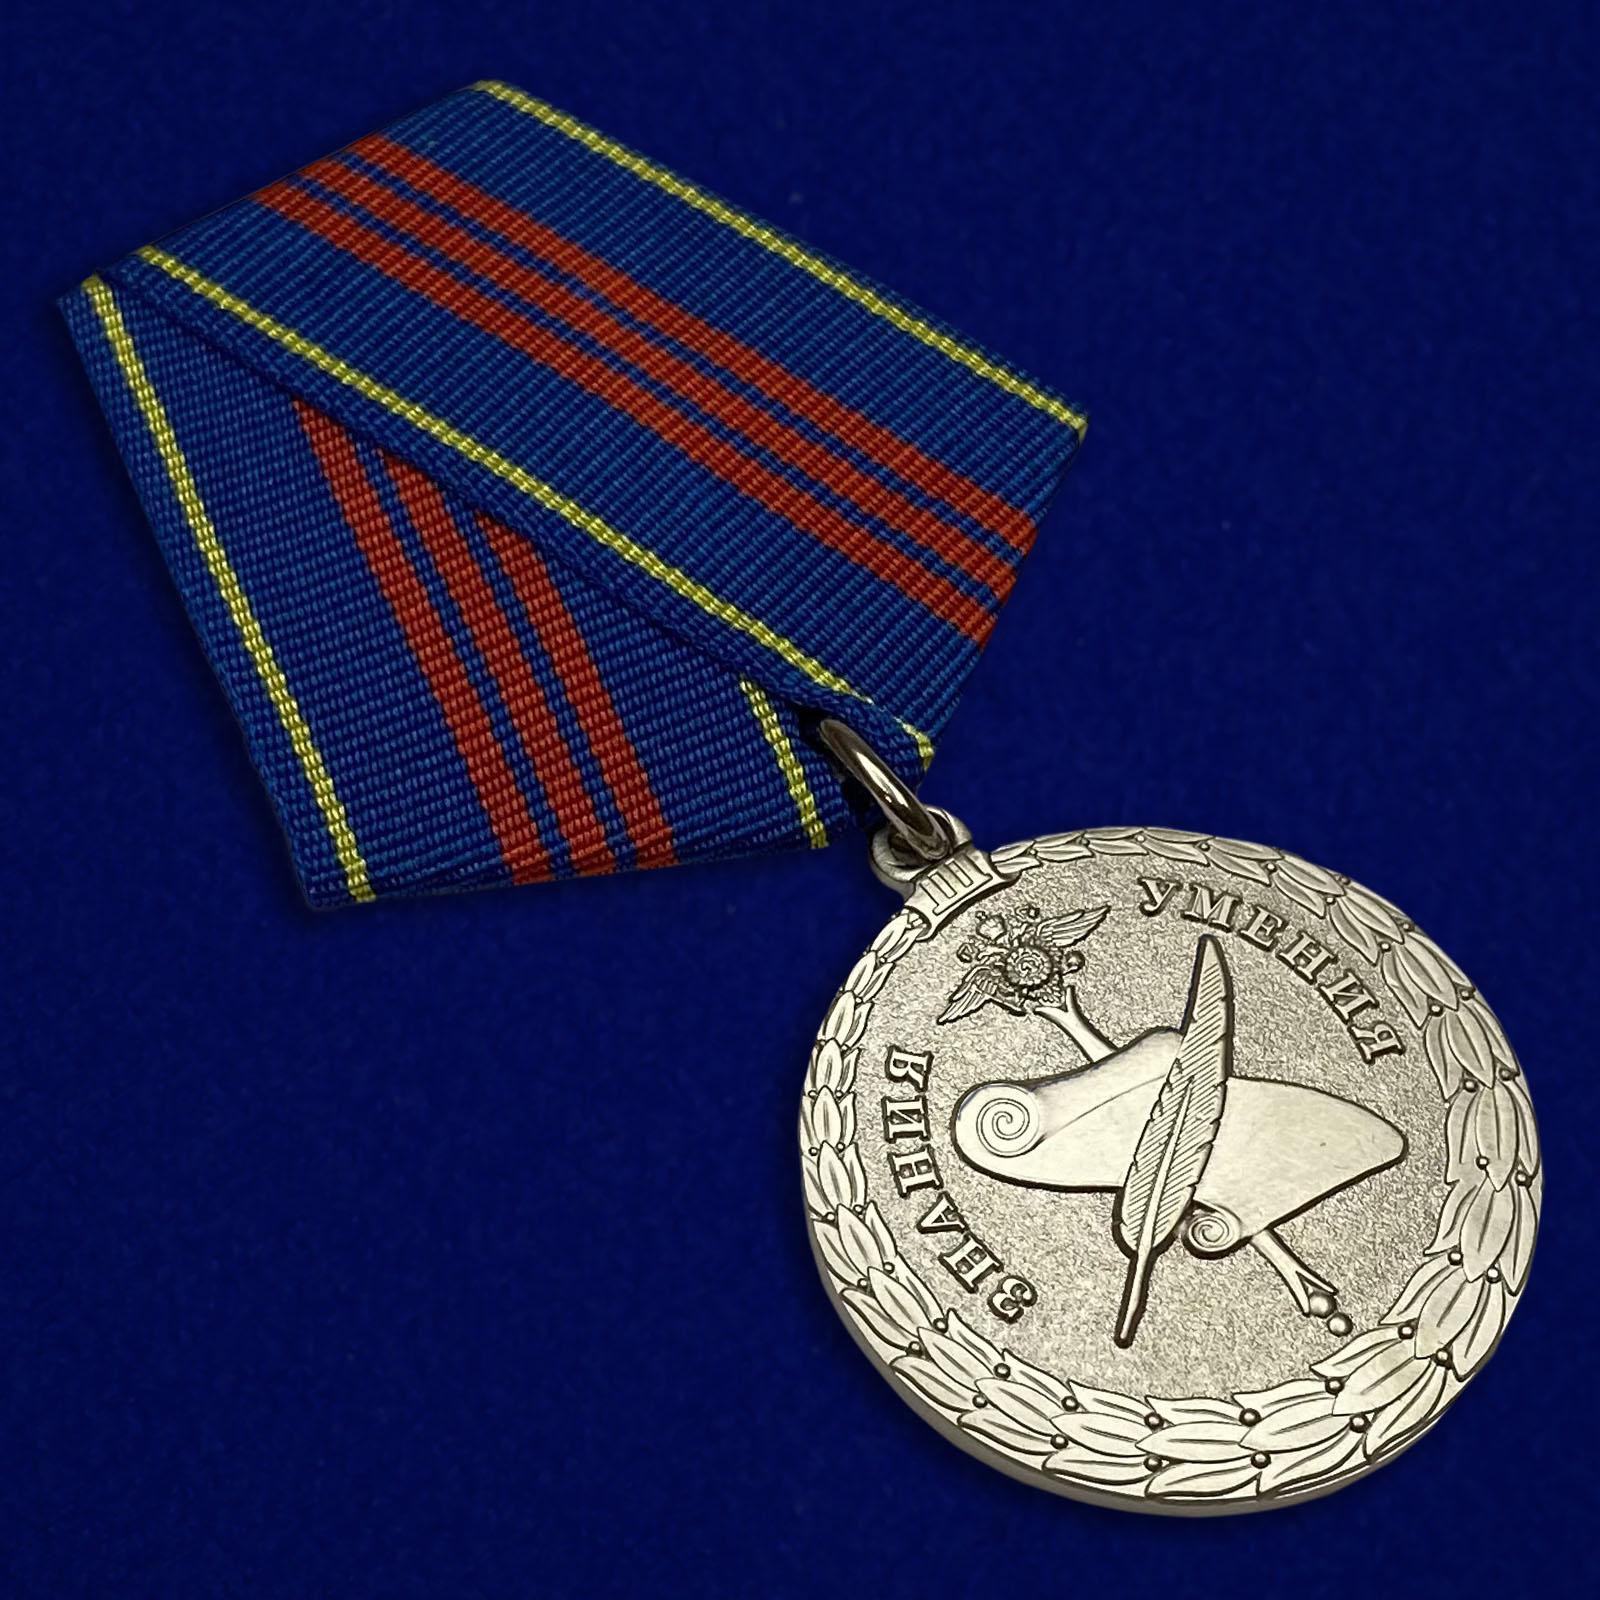 Медаль МВД России Управленческая деятельность 3 степени - общий вид